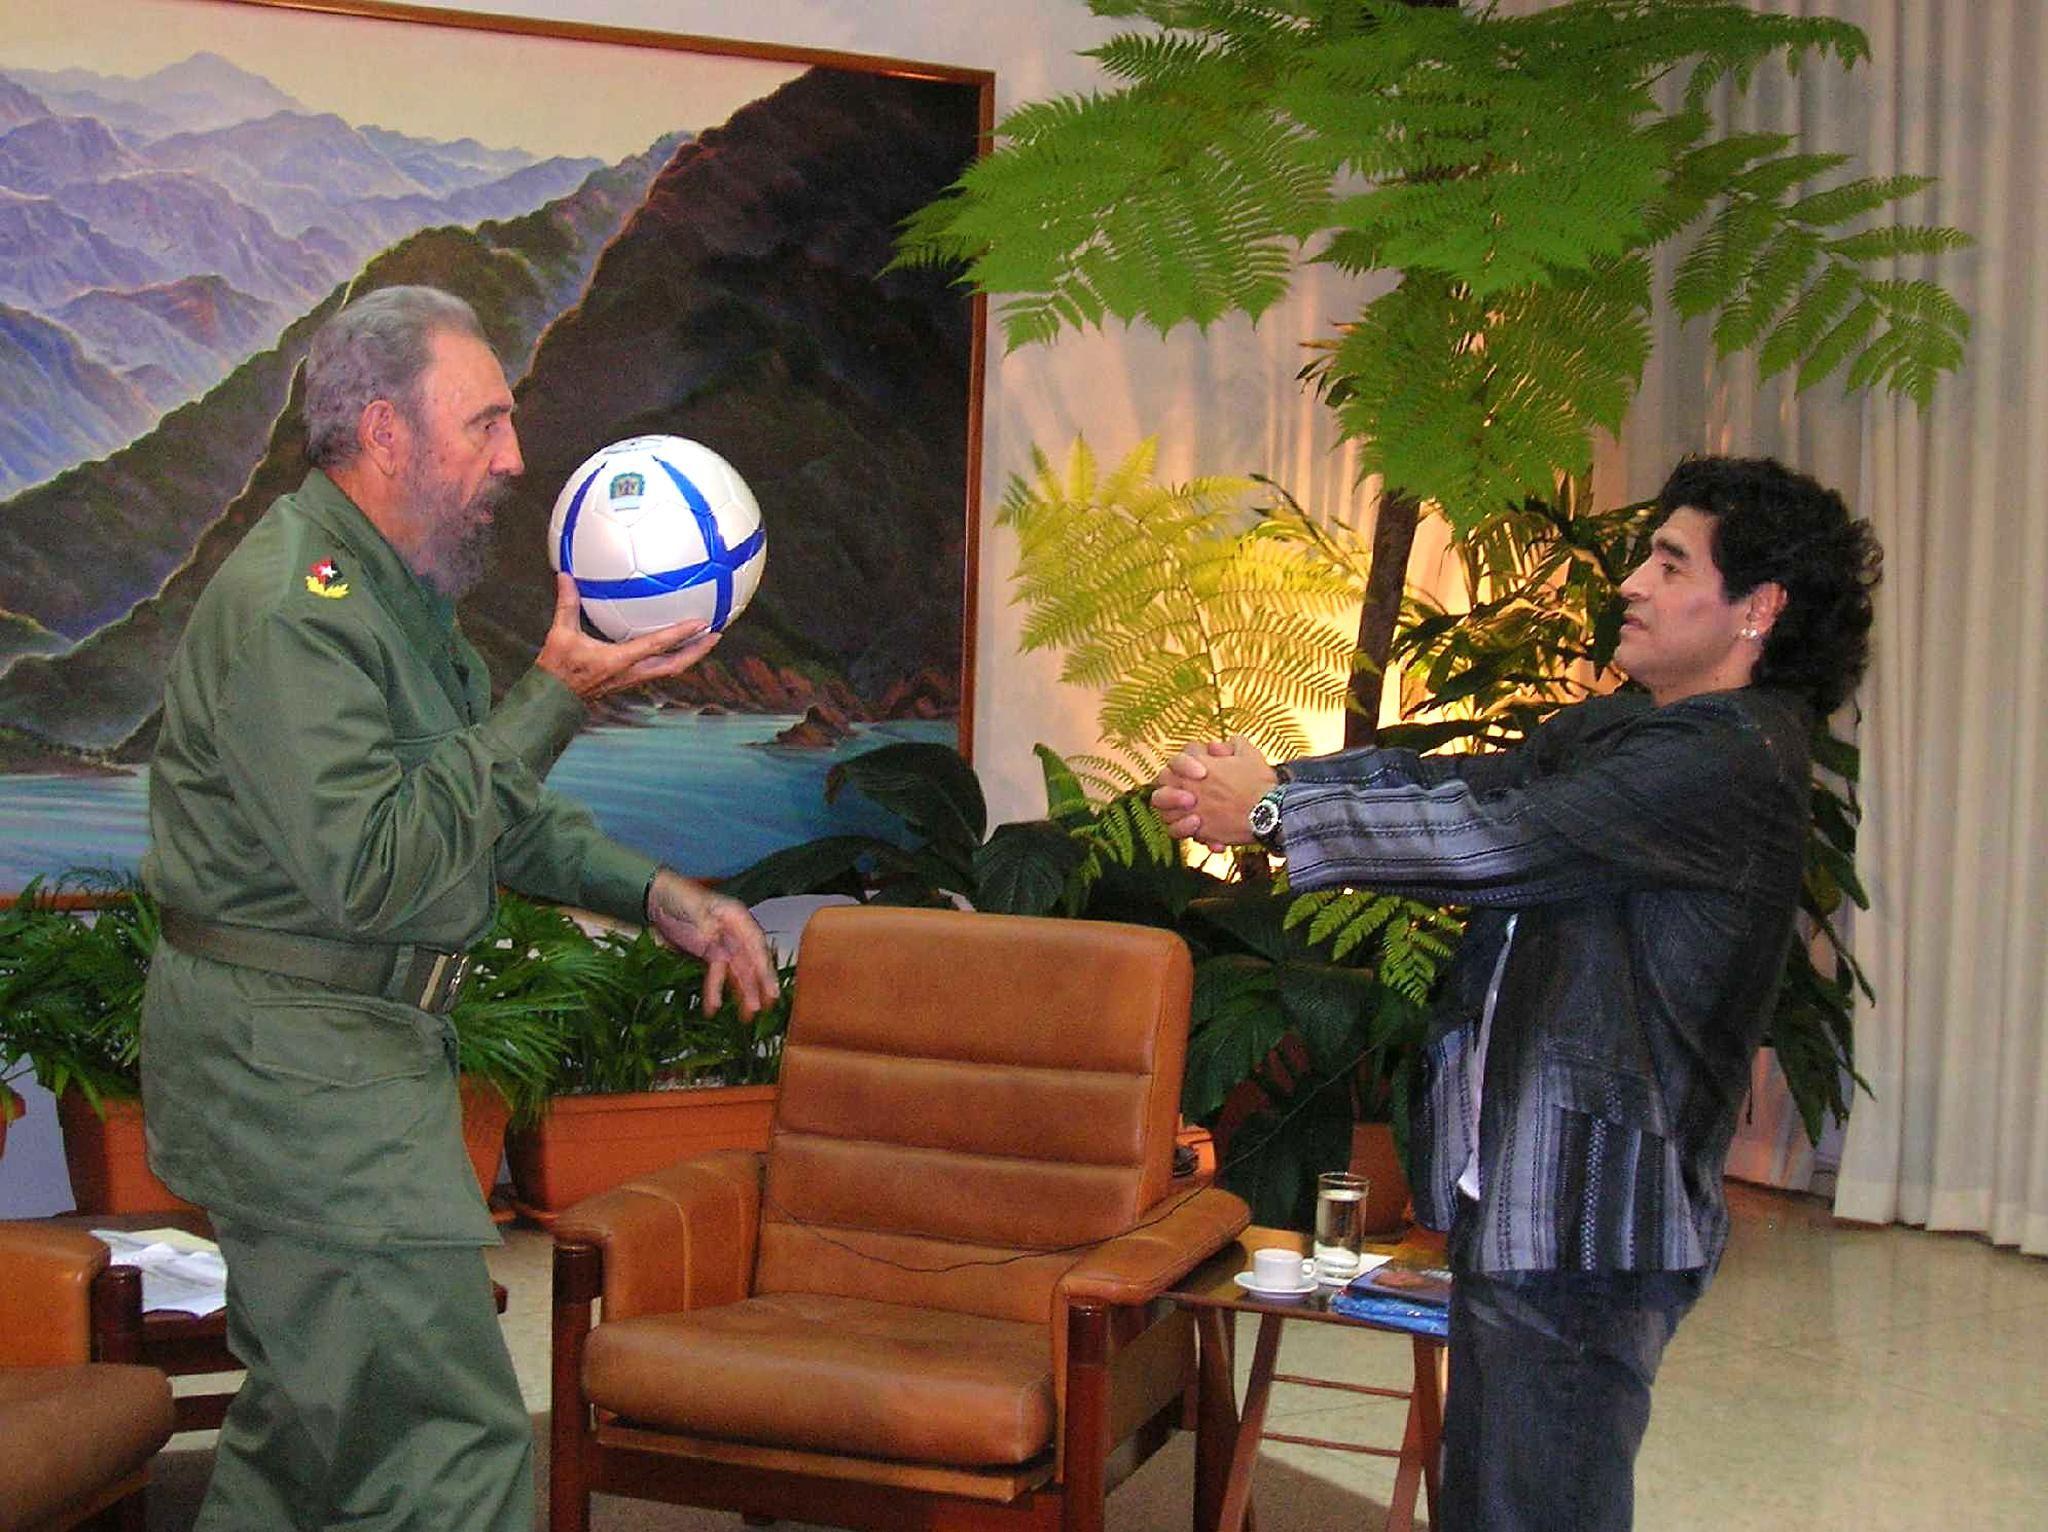 La historia de cómo se conocieron Fidel Castro y Diego Maradona